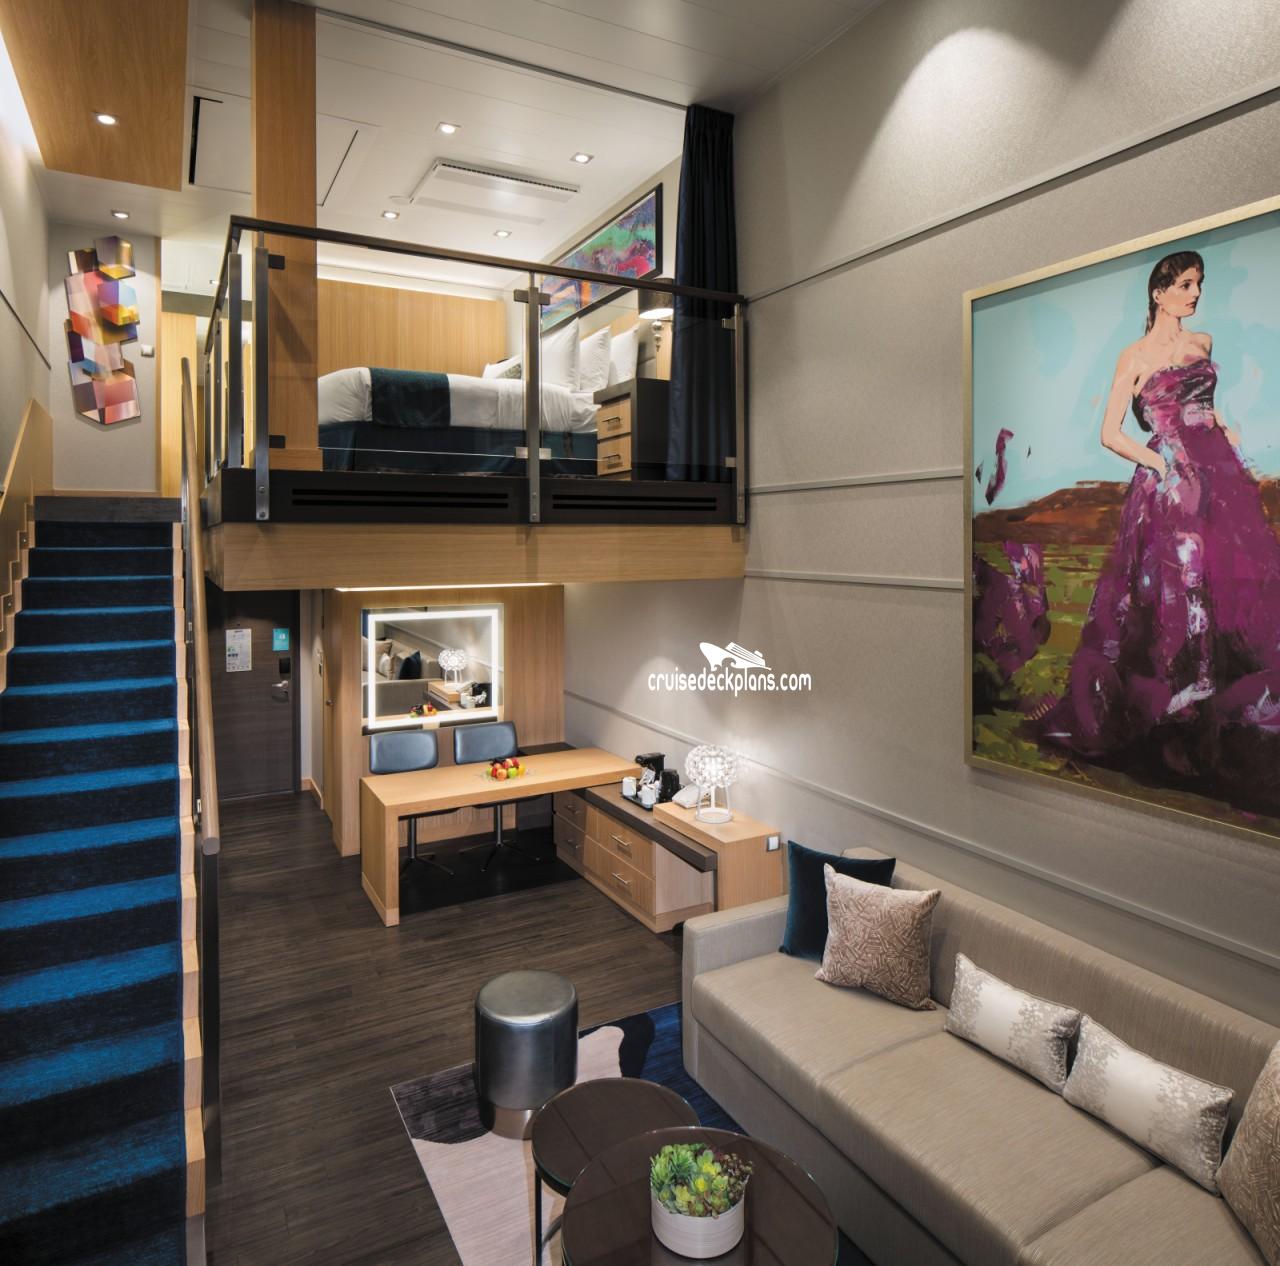 Symphony Of The Seas Crown Loft Suite Details